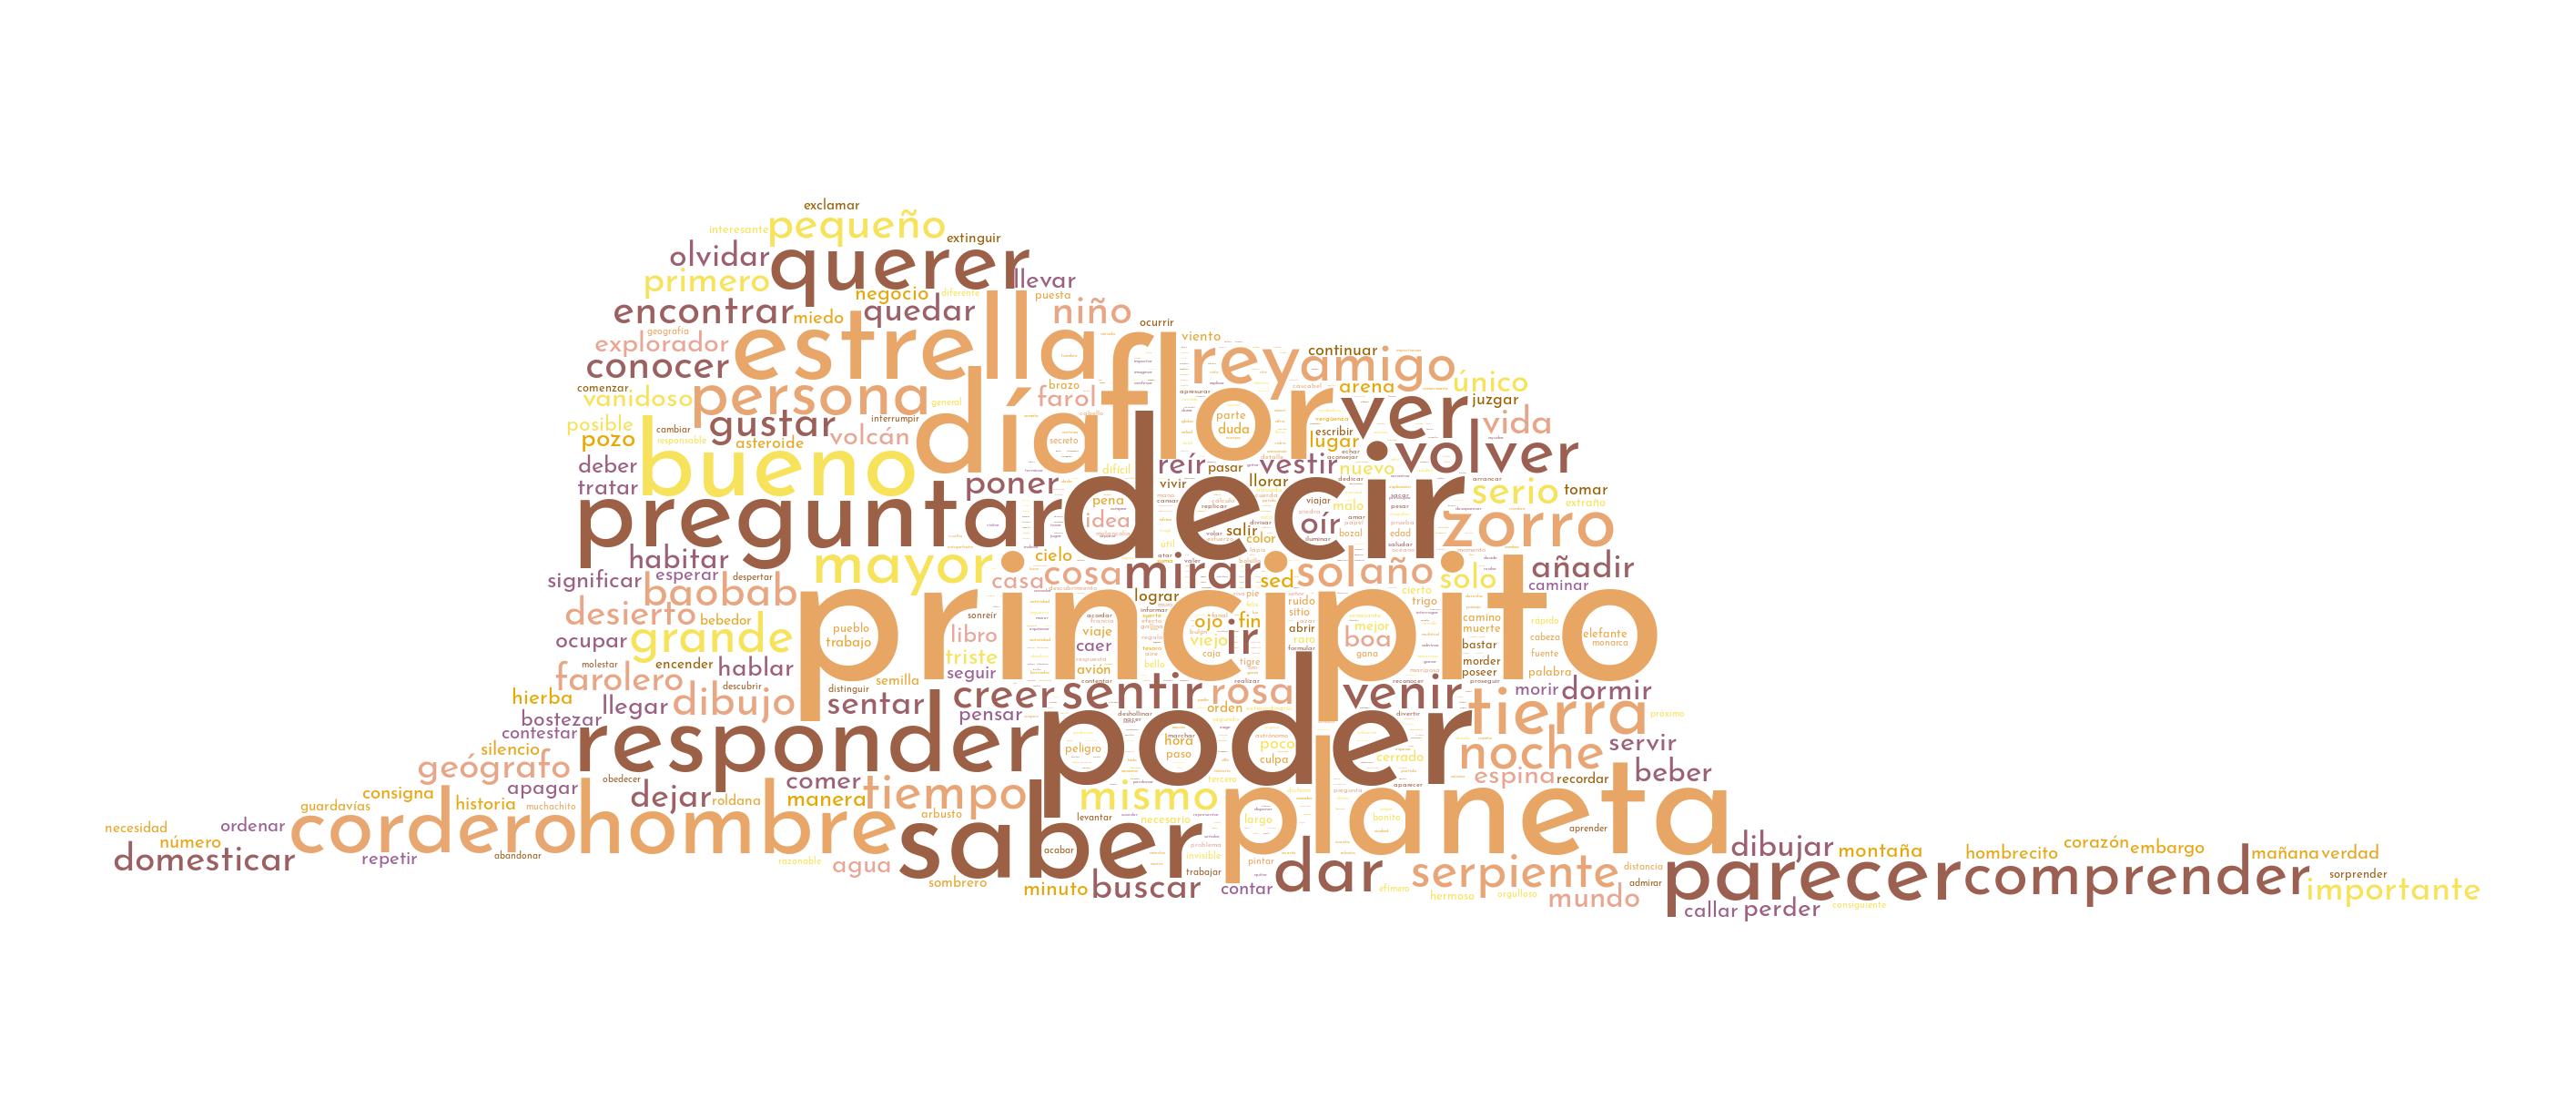 Principito - nube de palabras